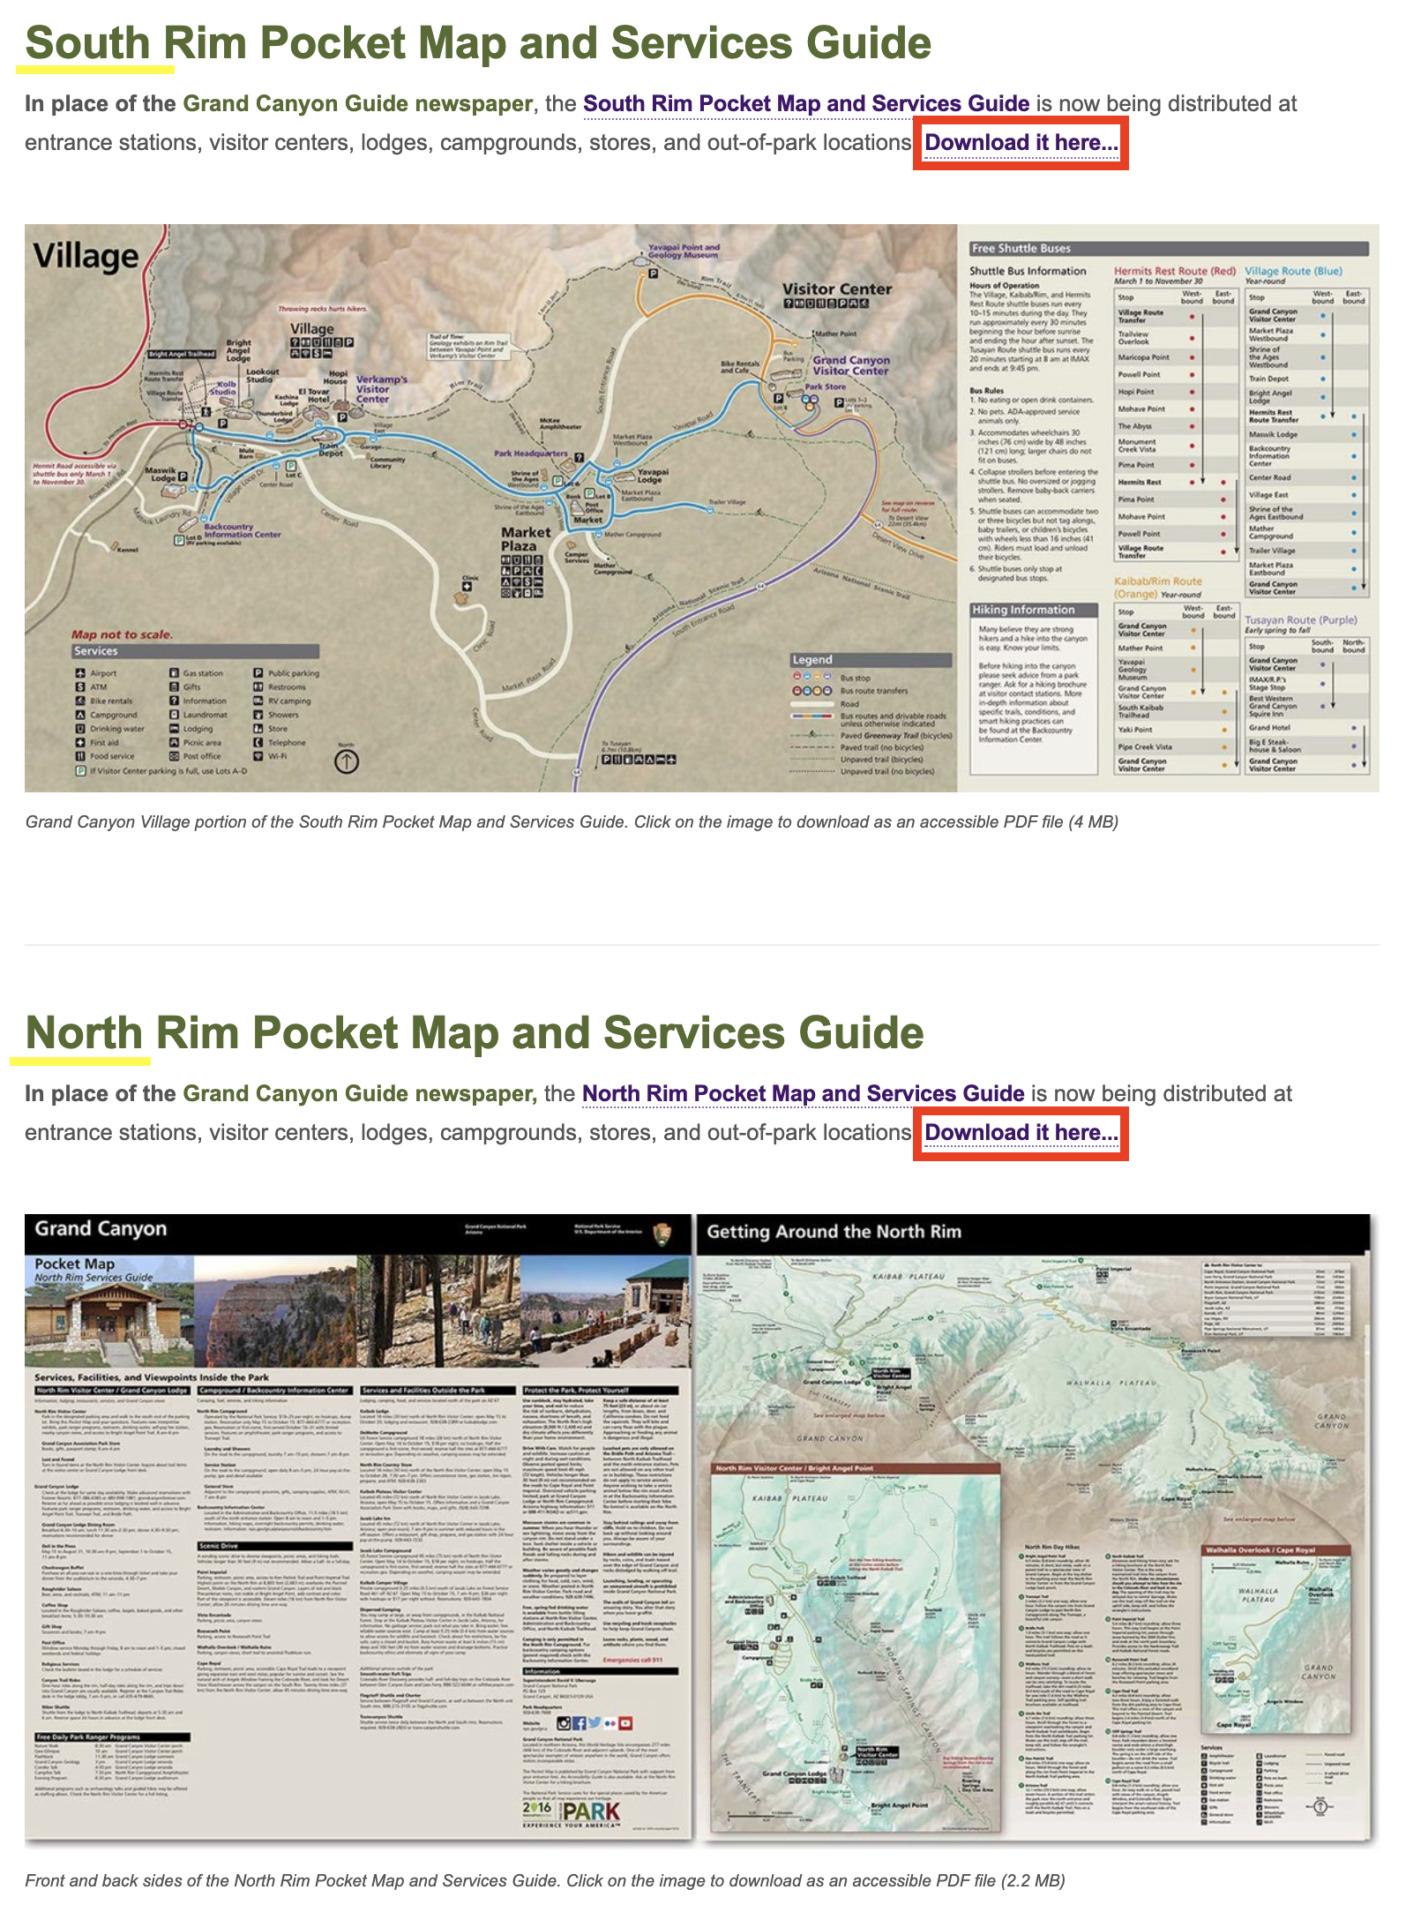 【超便利】グランドキャニオンのガイドマップを日本語で入手する方法